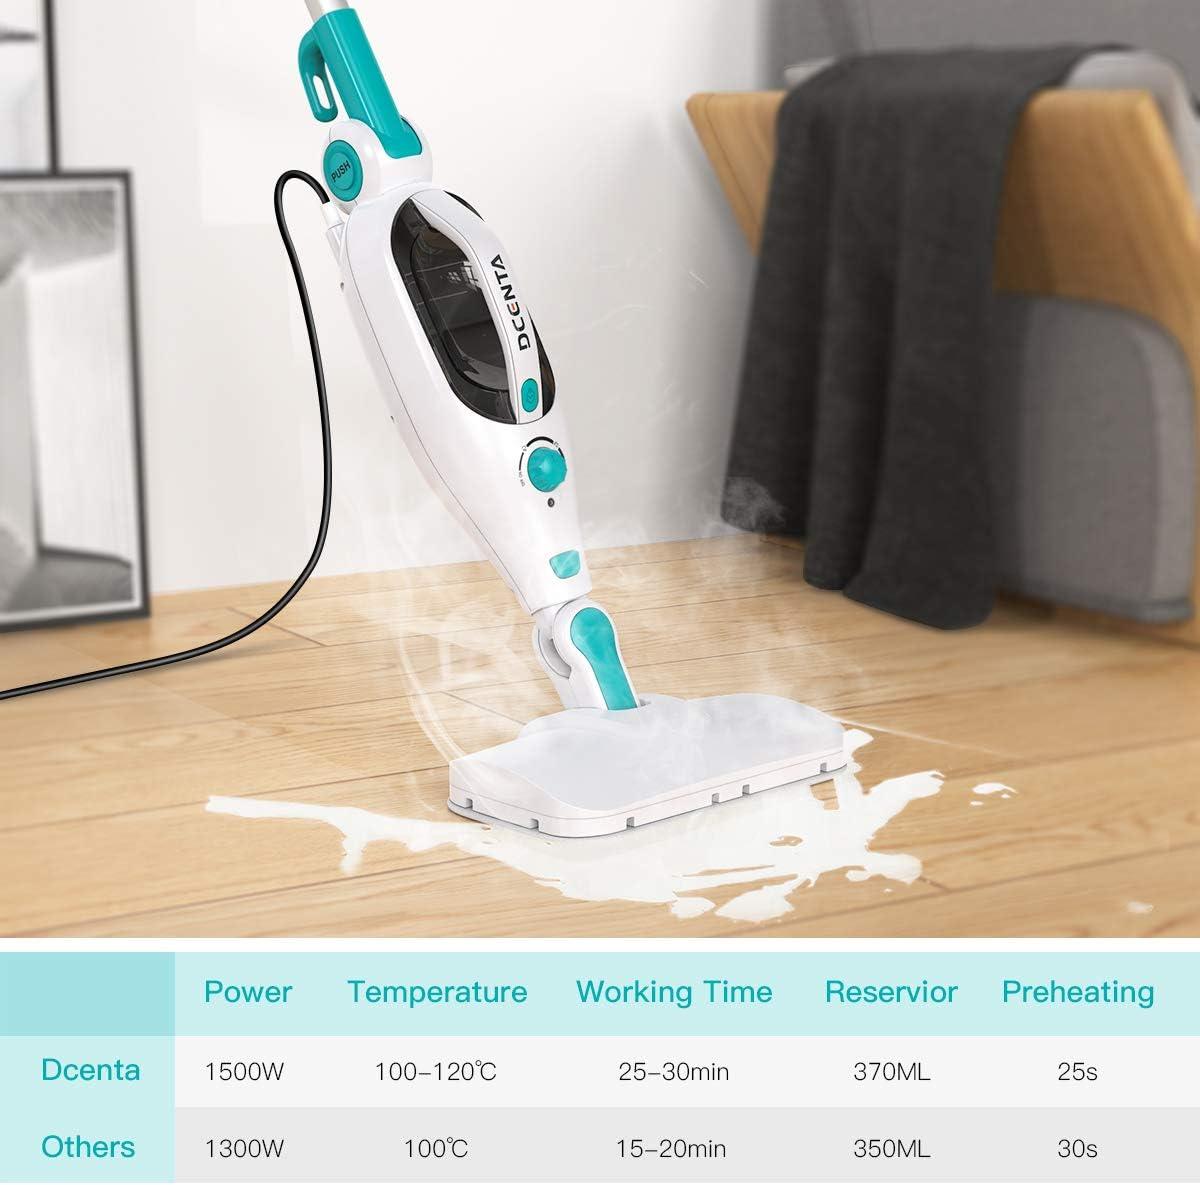 nettoyeur vapeur amovible pratique pour enlever 99,9/% des bact/éries Dcenta Balai /à vapeur multifonction 12 en 1 1500 W pour plancher stratifi/é tapis